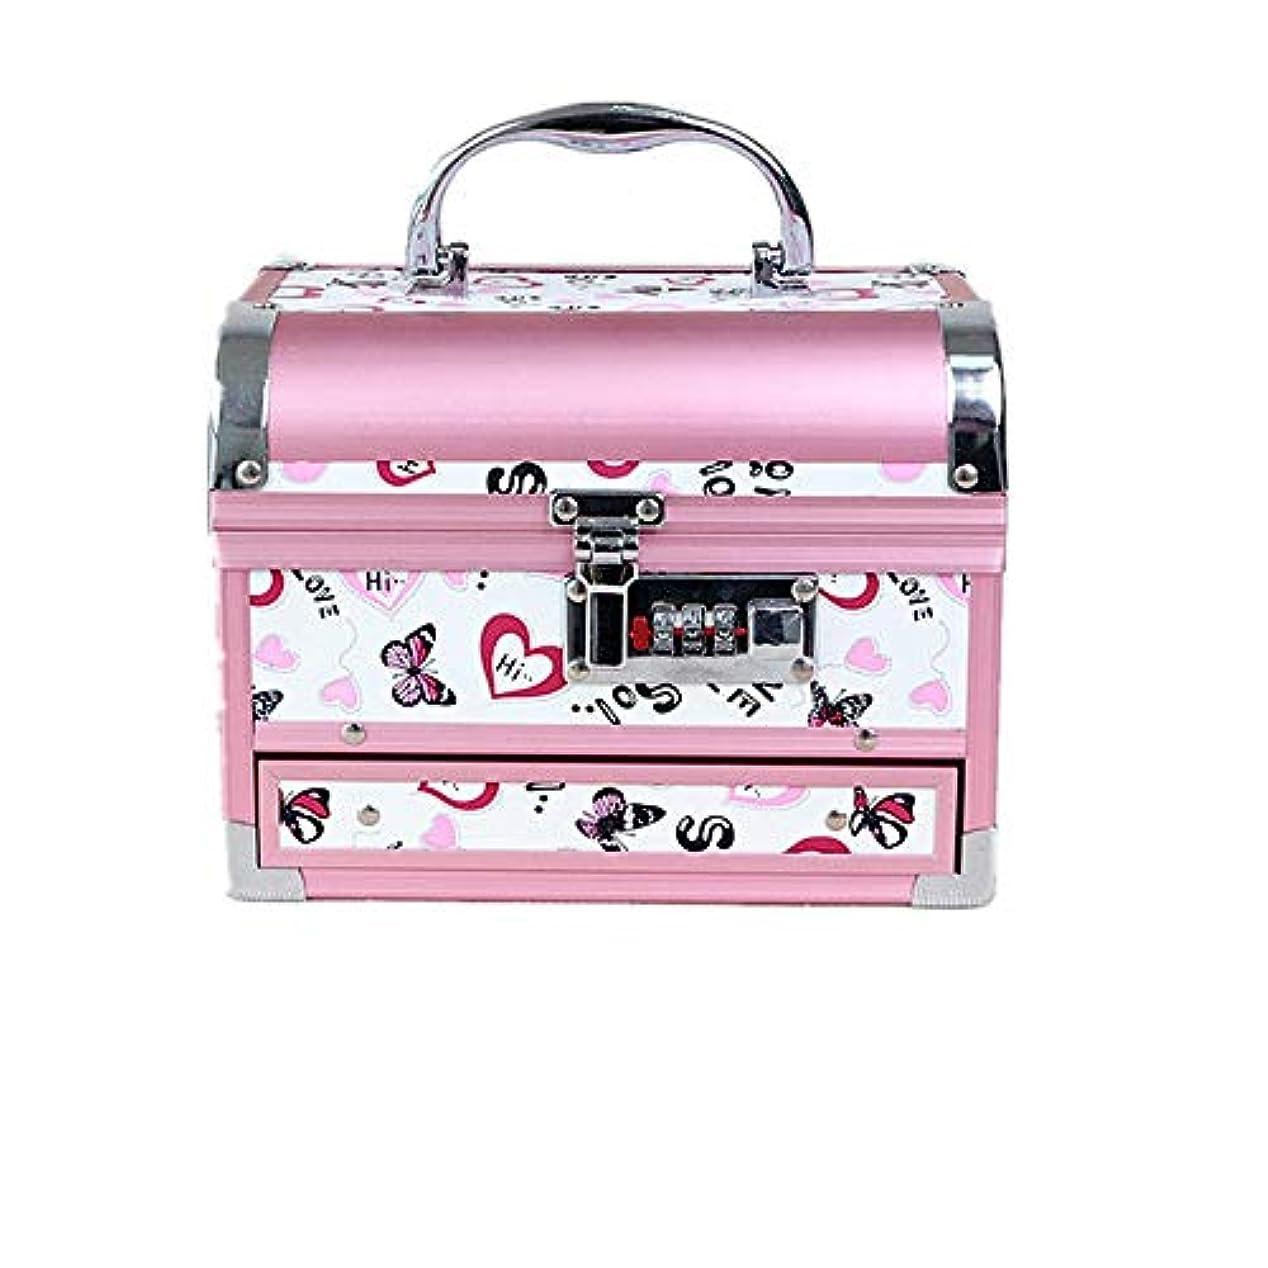 化粧オーガナイザーバッグ かわいいパターンポータブル化粧品ケーストラベルアクセサリーシャンプーボディウォッシュパーソナルアイテムストレージロックと拡張トレイ 化粧品ケース